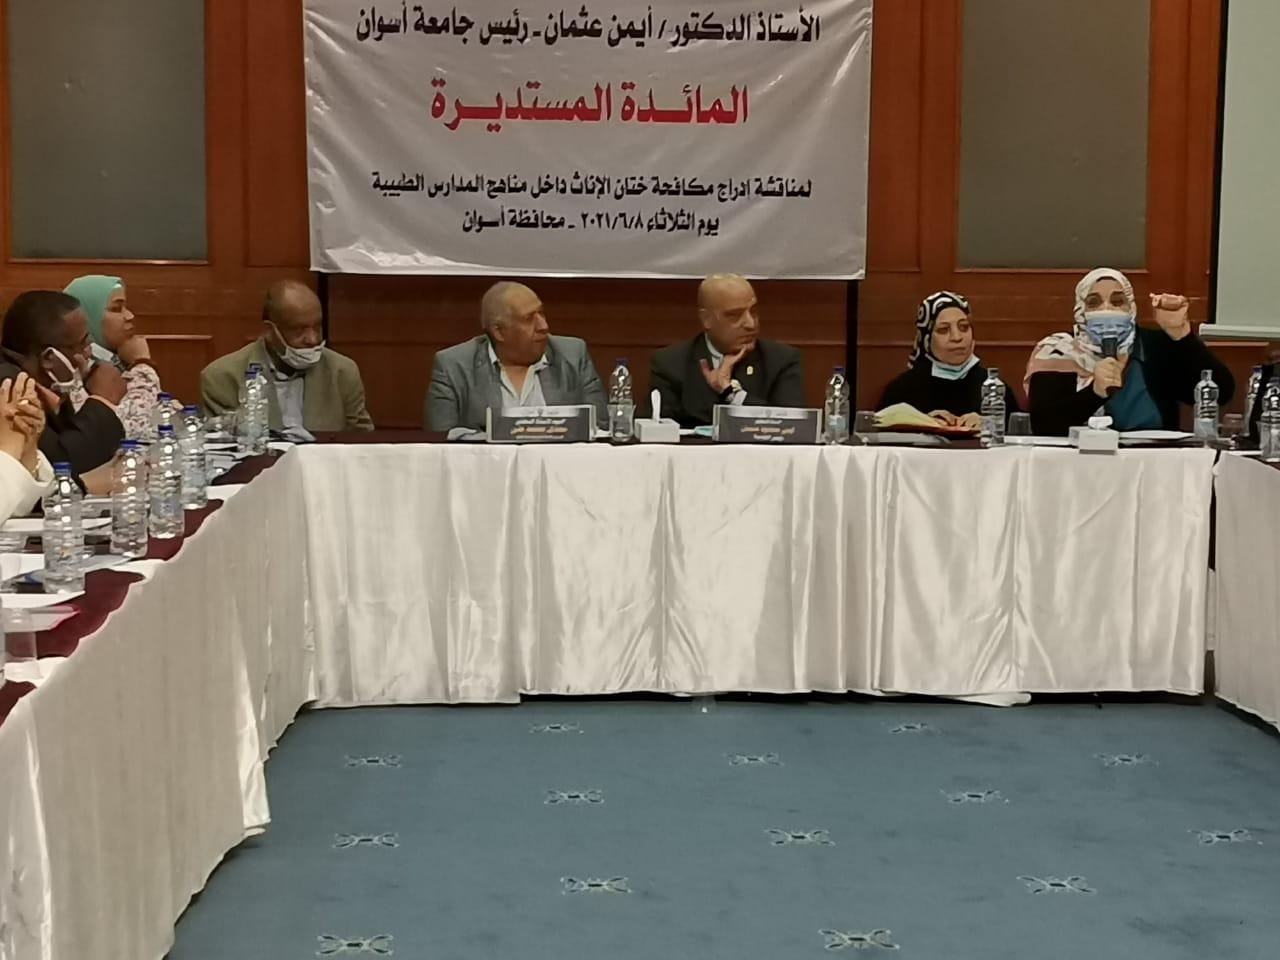 مائدة مستديرة تنظمها جامعة أسوان بالتعاون مع جمعية المستقبل للتنمية تحت عنوان القضاء على تطبيب ختان الإناث وتجريمه